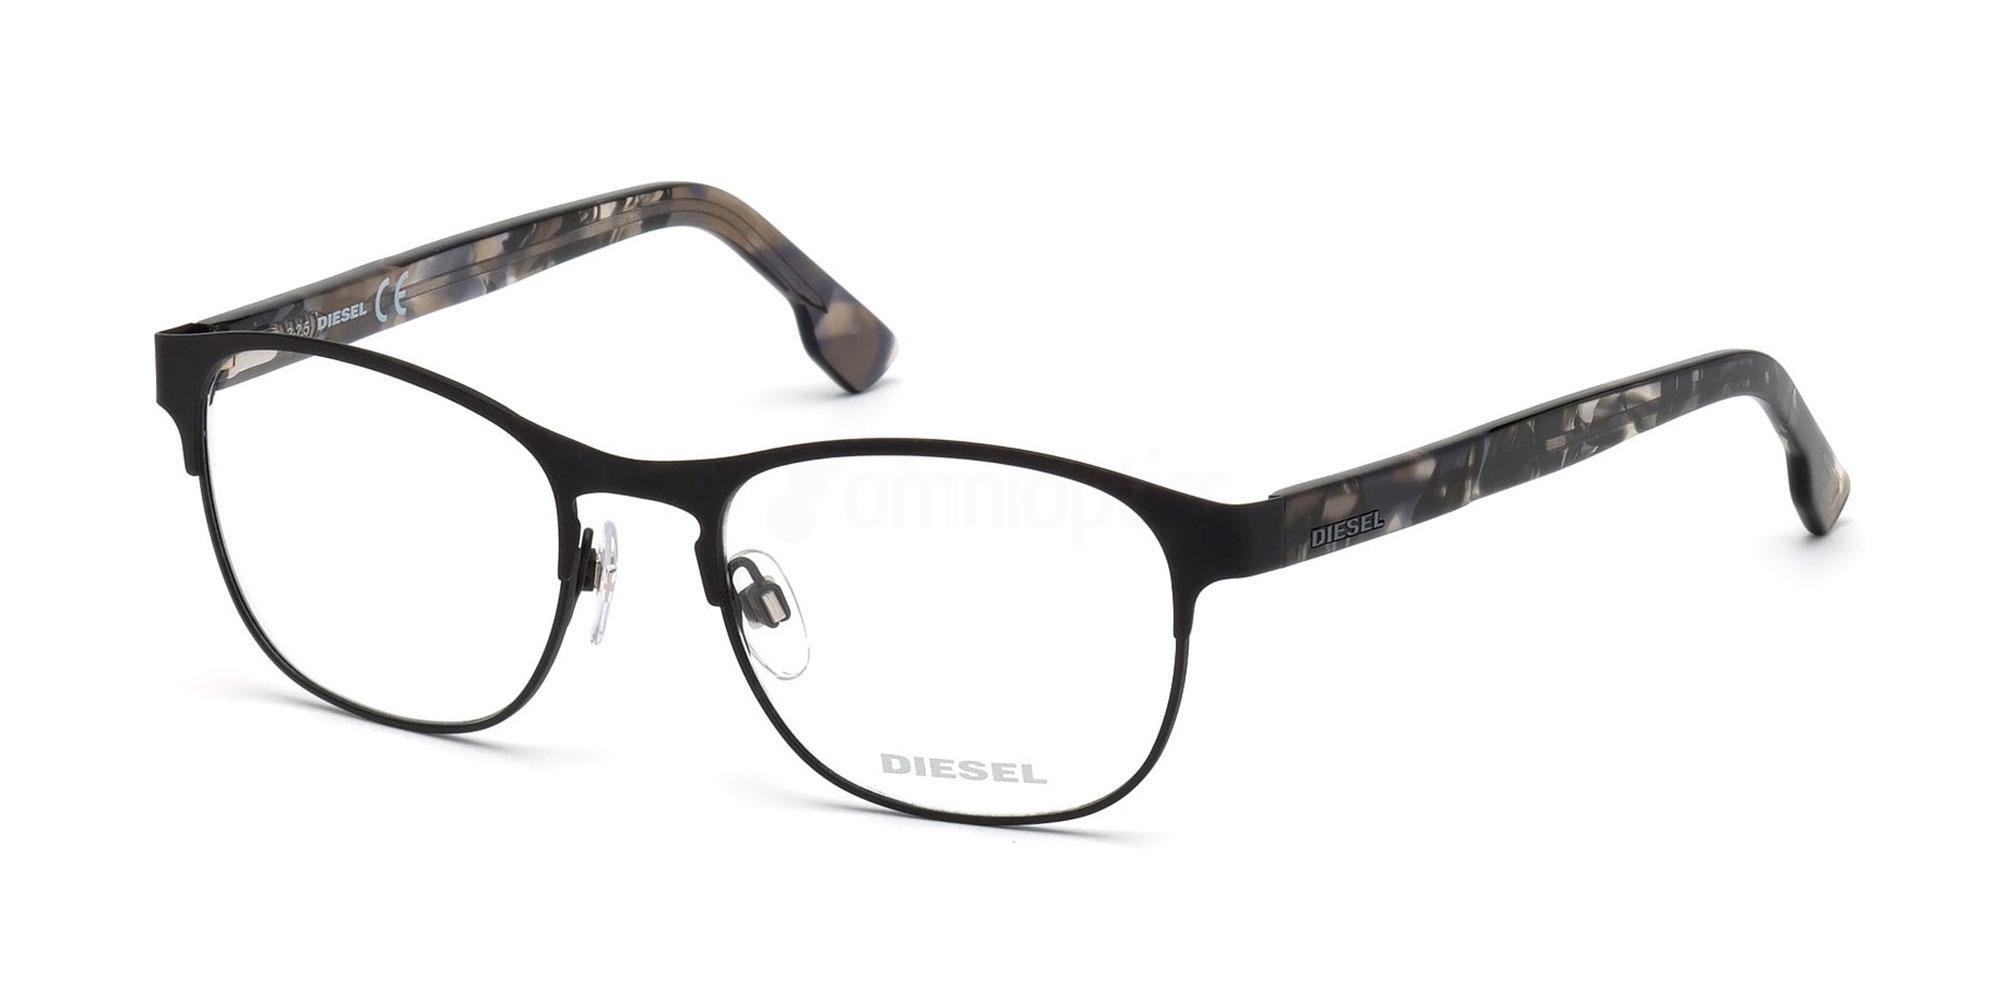 002 DL5201 Glasses, Diesel